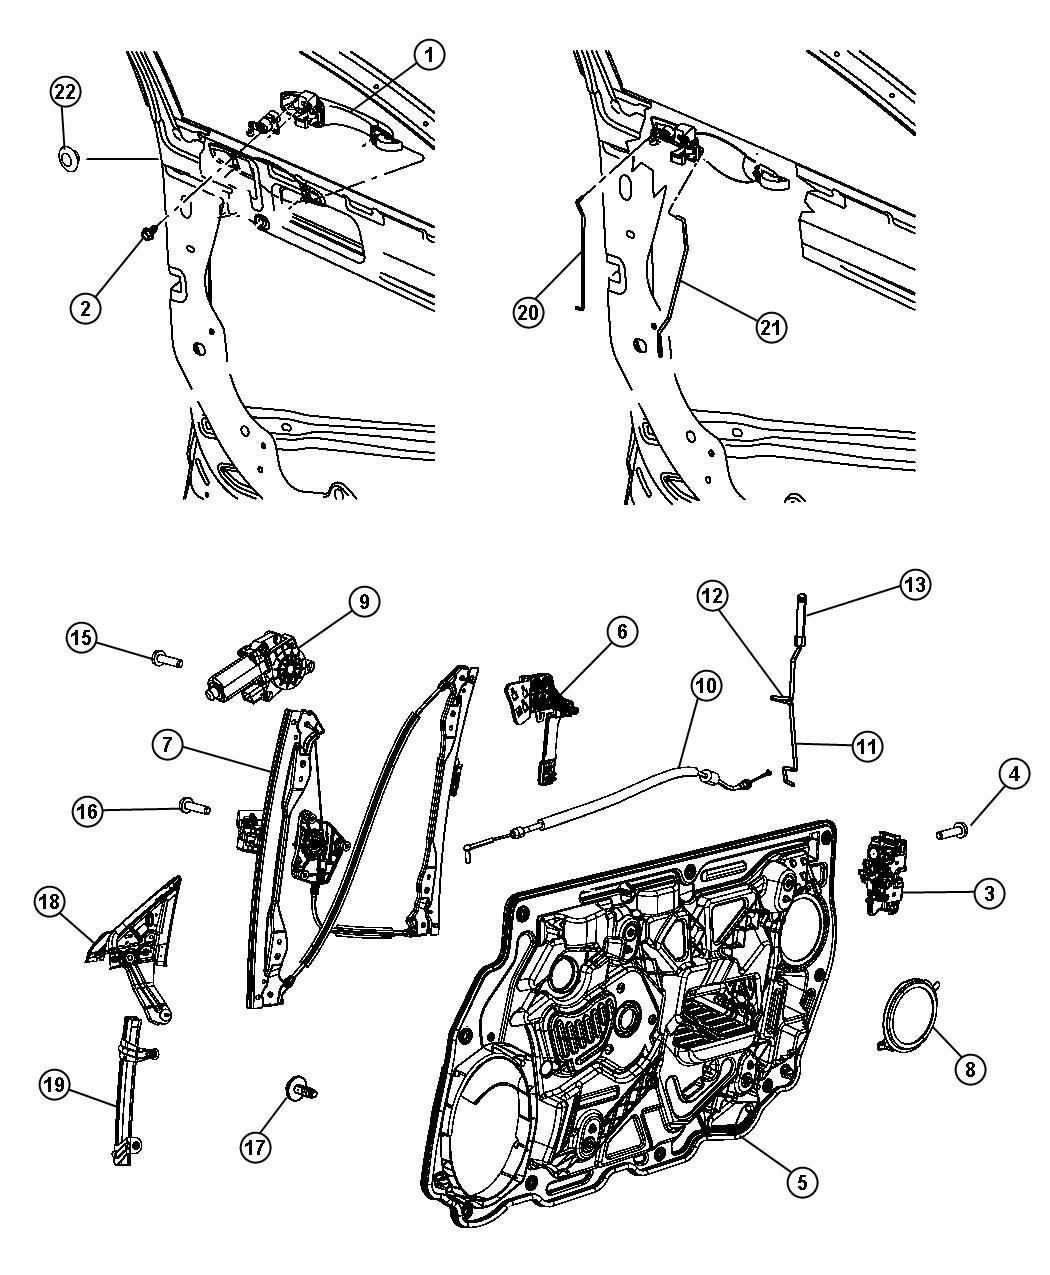 Dodge Avenger Plug. Adjustment, adjustment plug